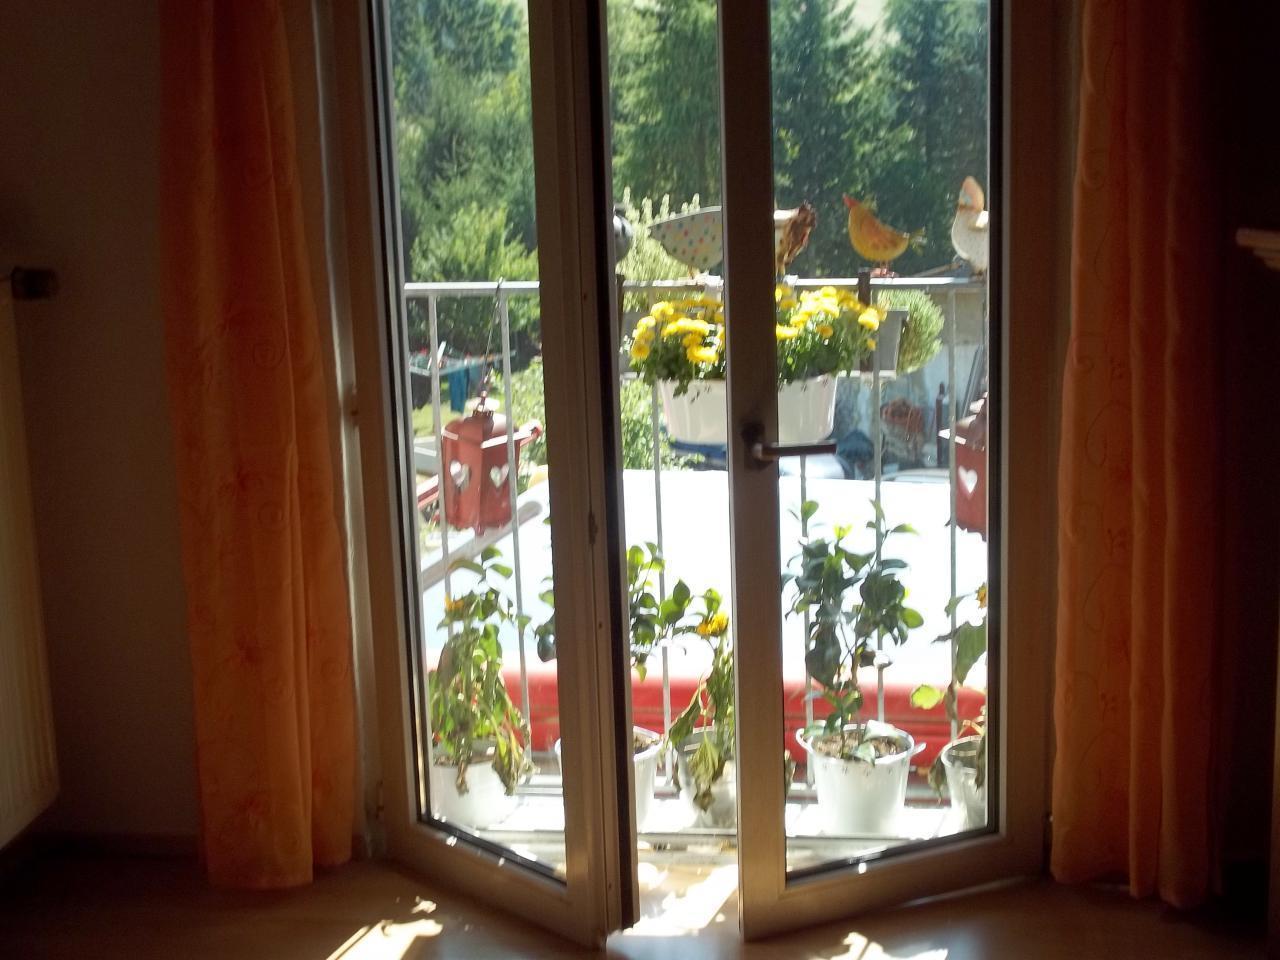 Ferienwohnung Maisonette-Whg. 2 geschossig FeWo1 (377380), Blankenheim, Eifel (Nordrhein Westfalen) - Nordeifel, Nordrhein-Westfalen, Deutschland, Bild 3